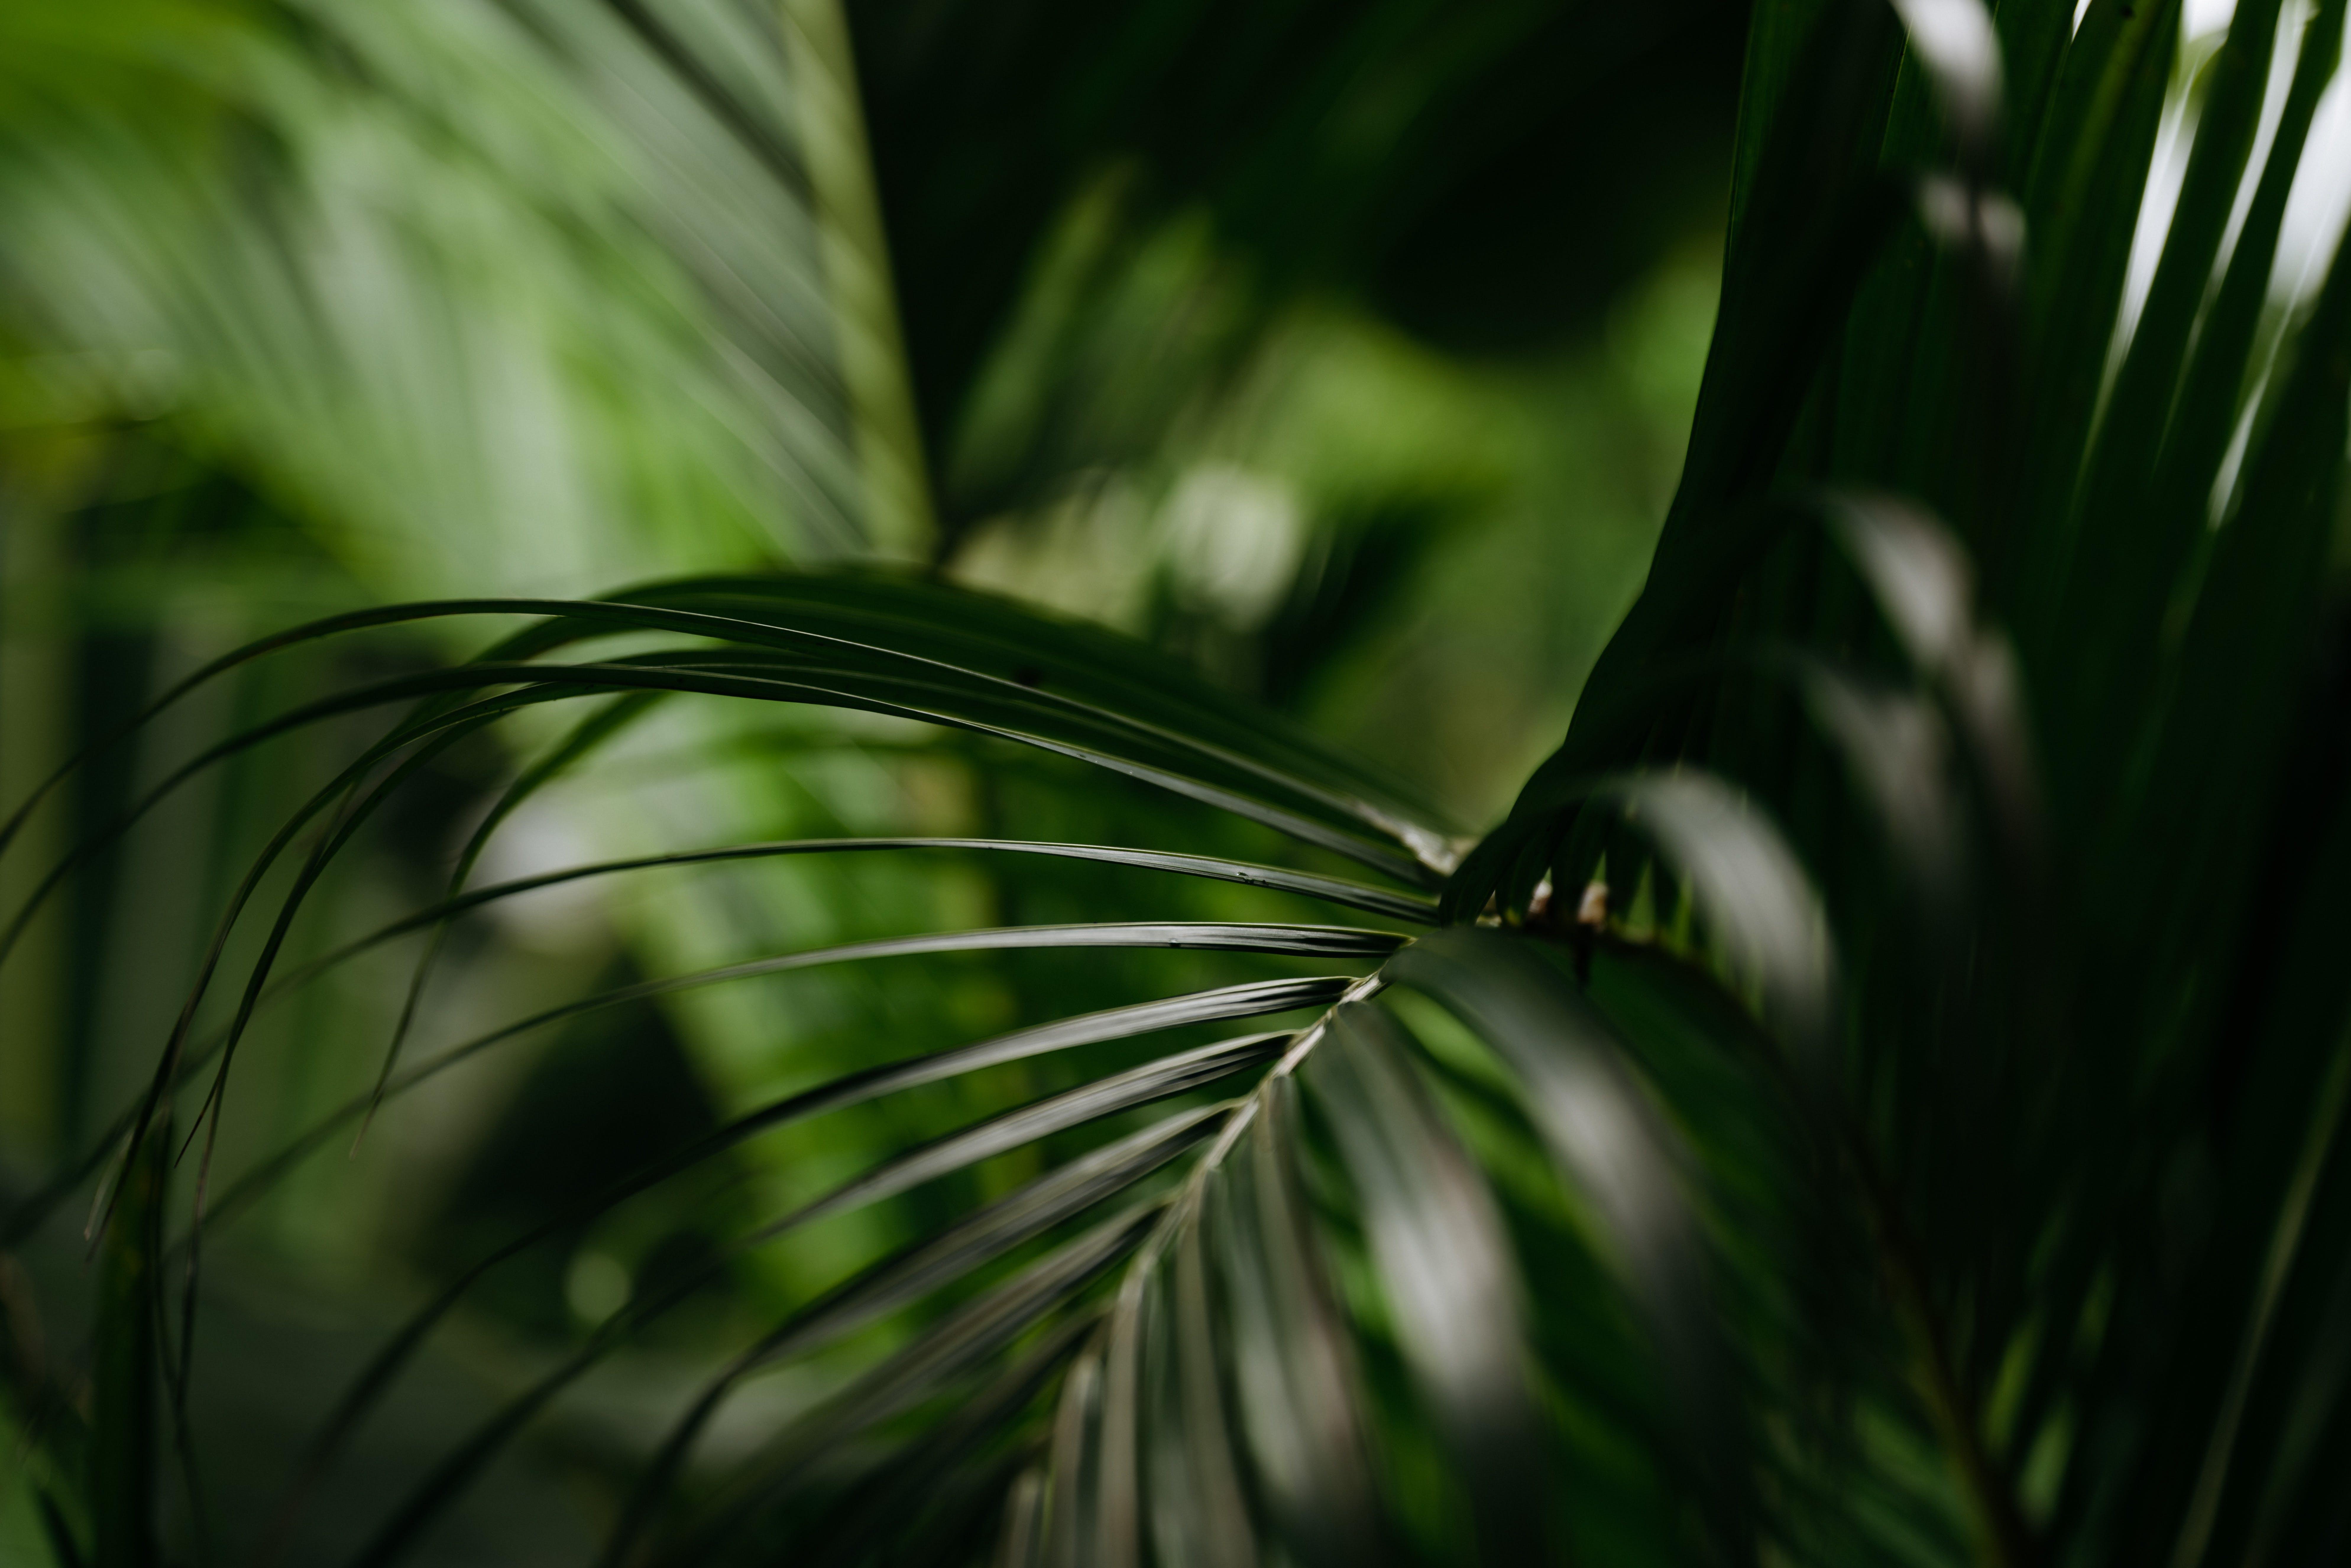 คลังภาพถ่ายฟรี ของ การเจริญเติบโต, ความชัดลึก, ธรรมชาติ, พร่ามัว